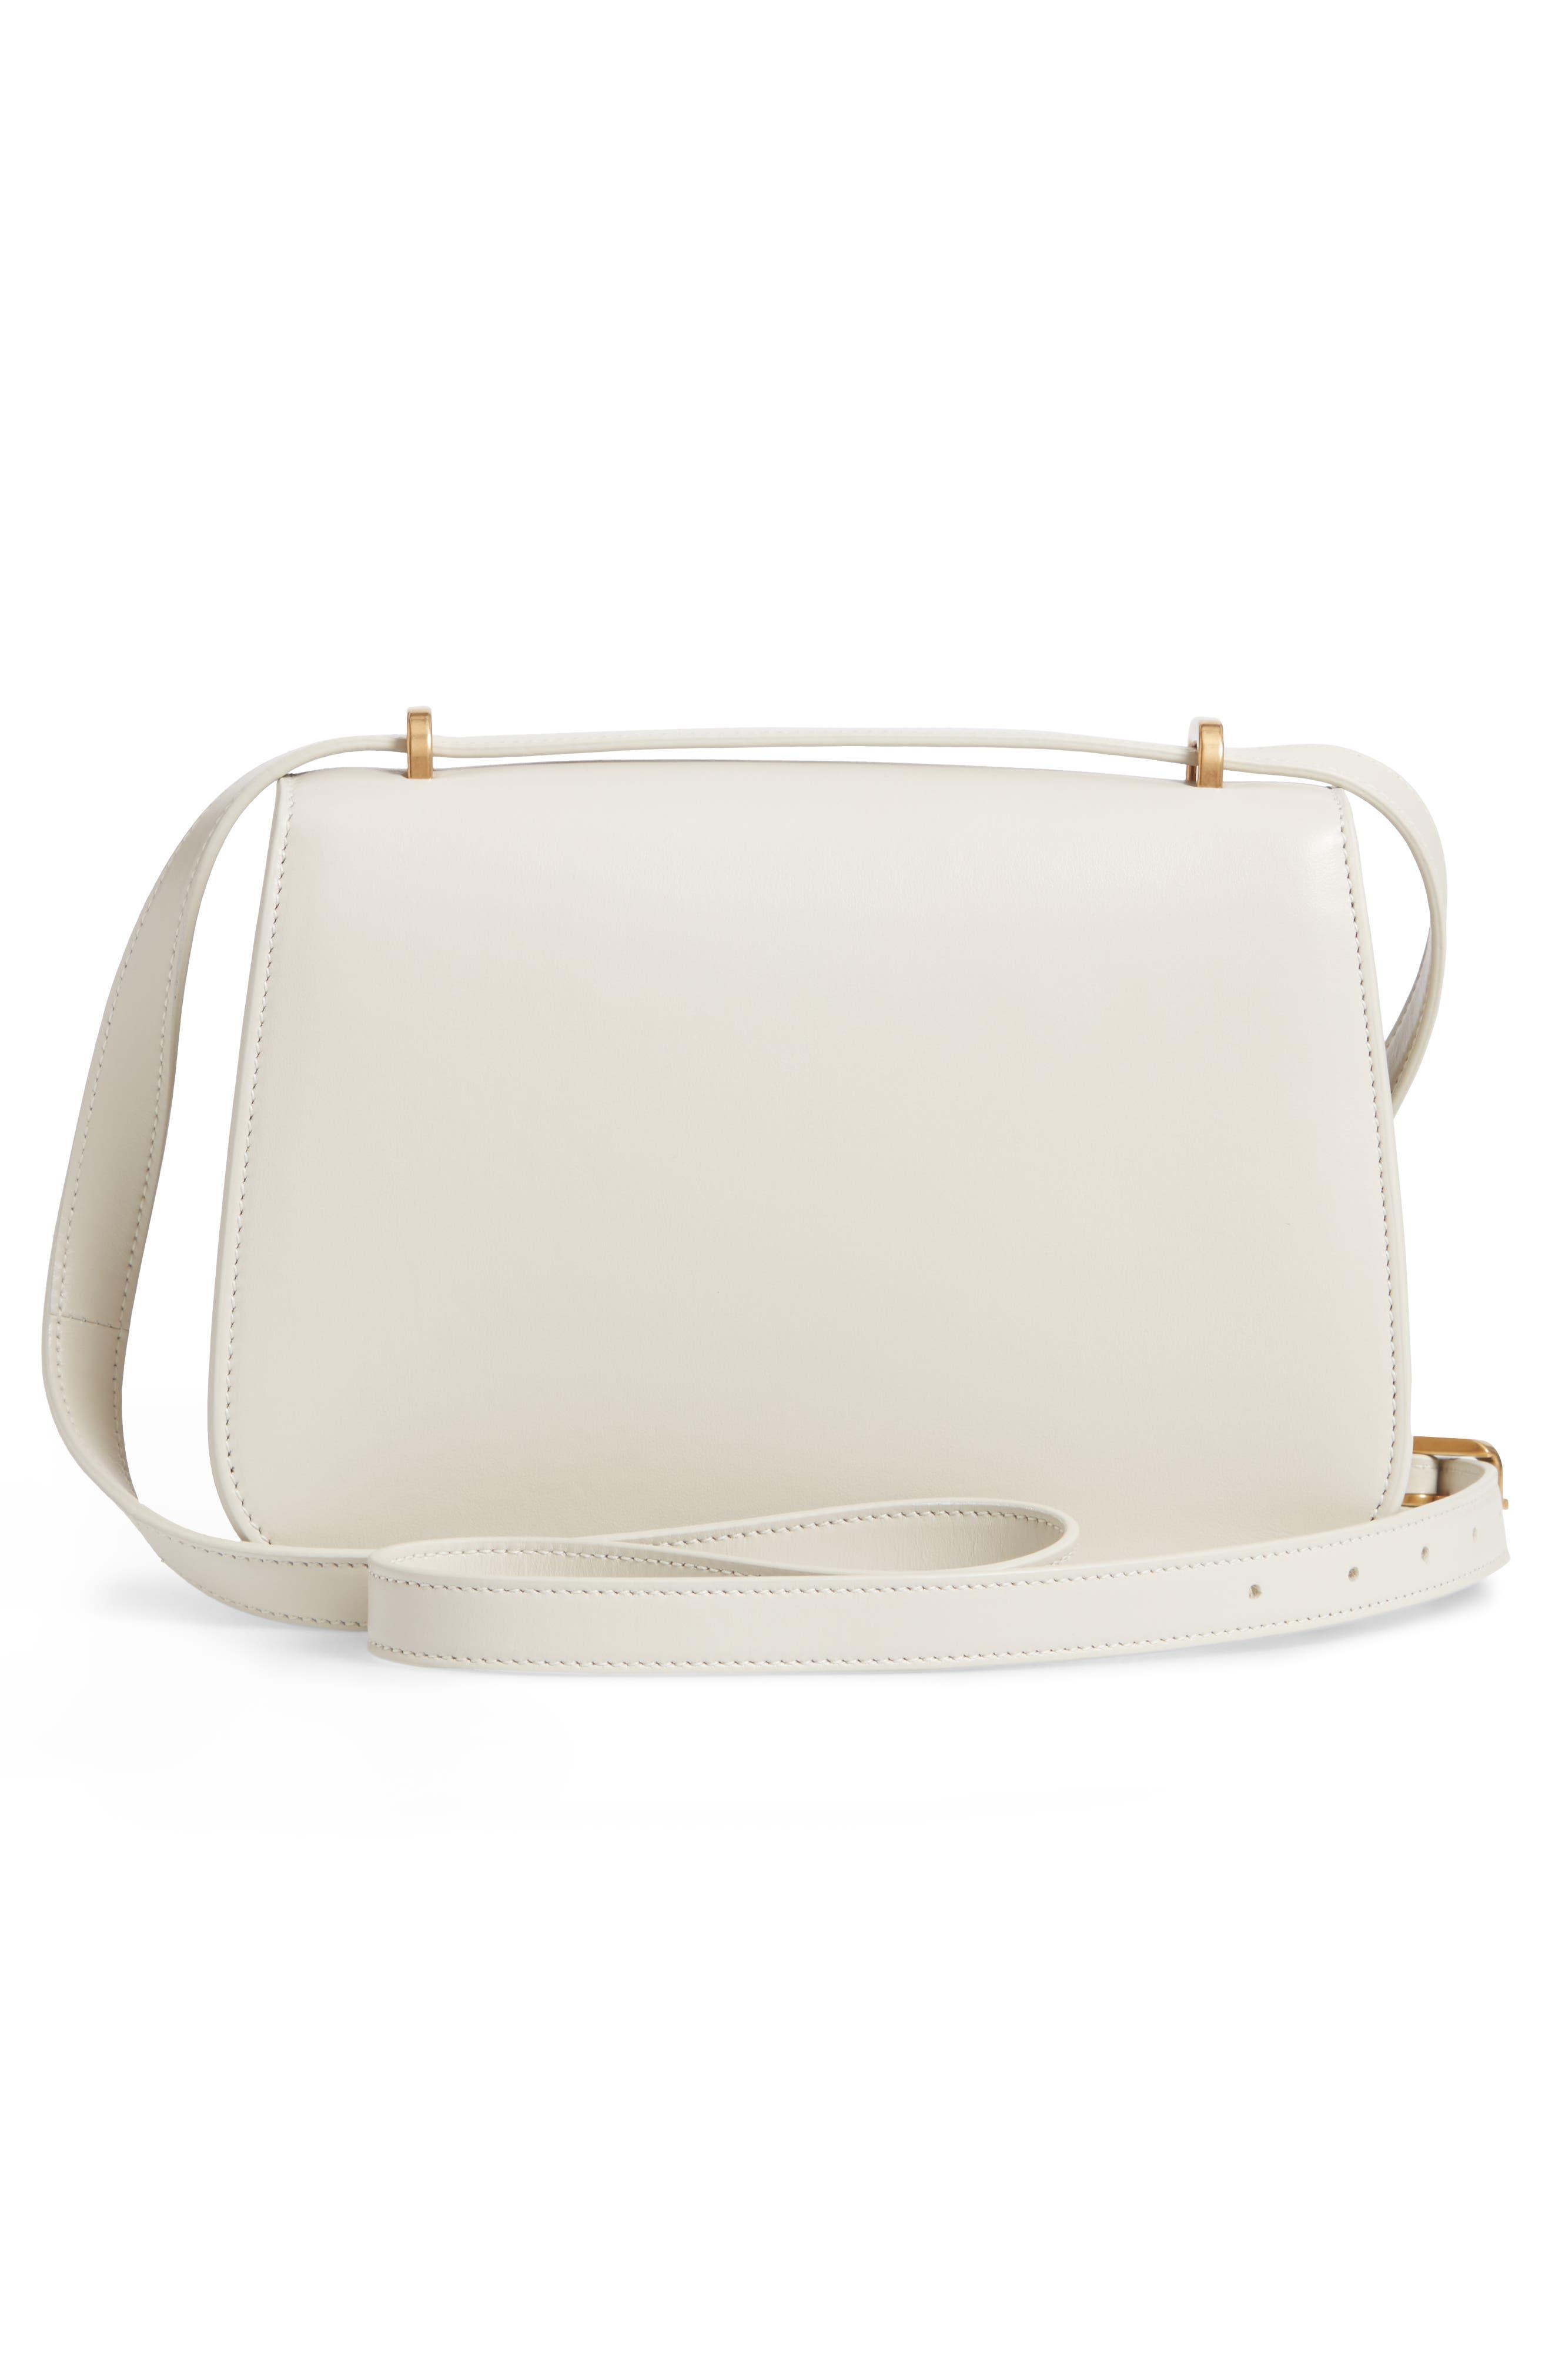 Spontini Calfskin Leather Shoulder Bag,                             Alternate thumbnail 3, color,                             CREMASOFT